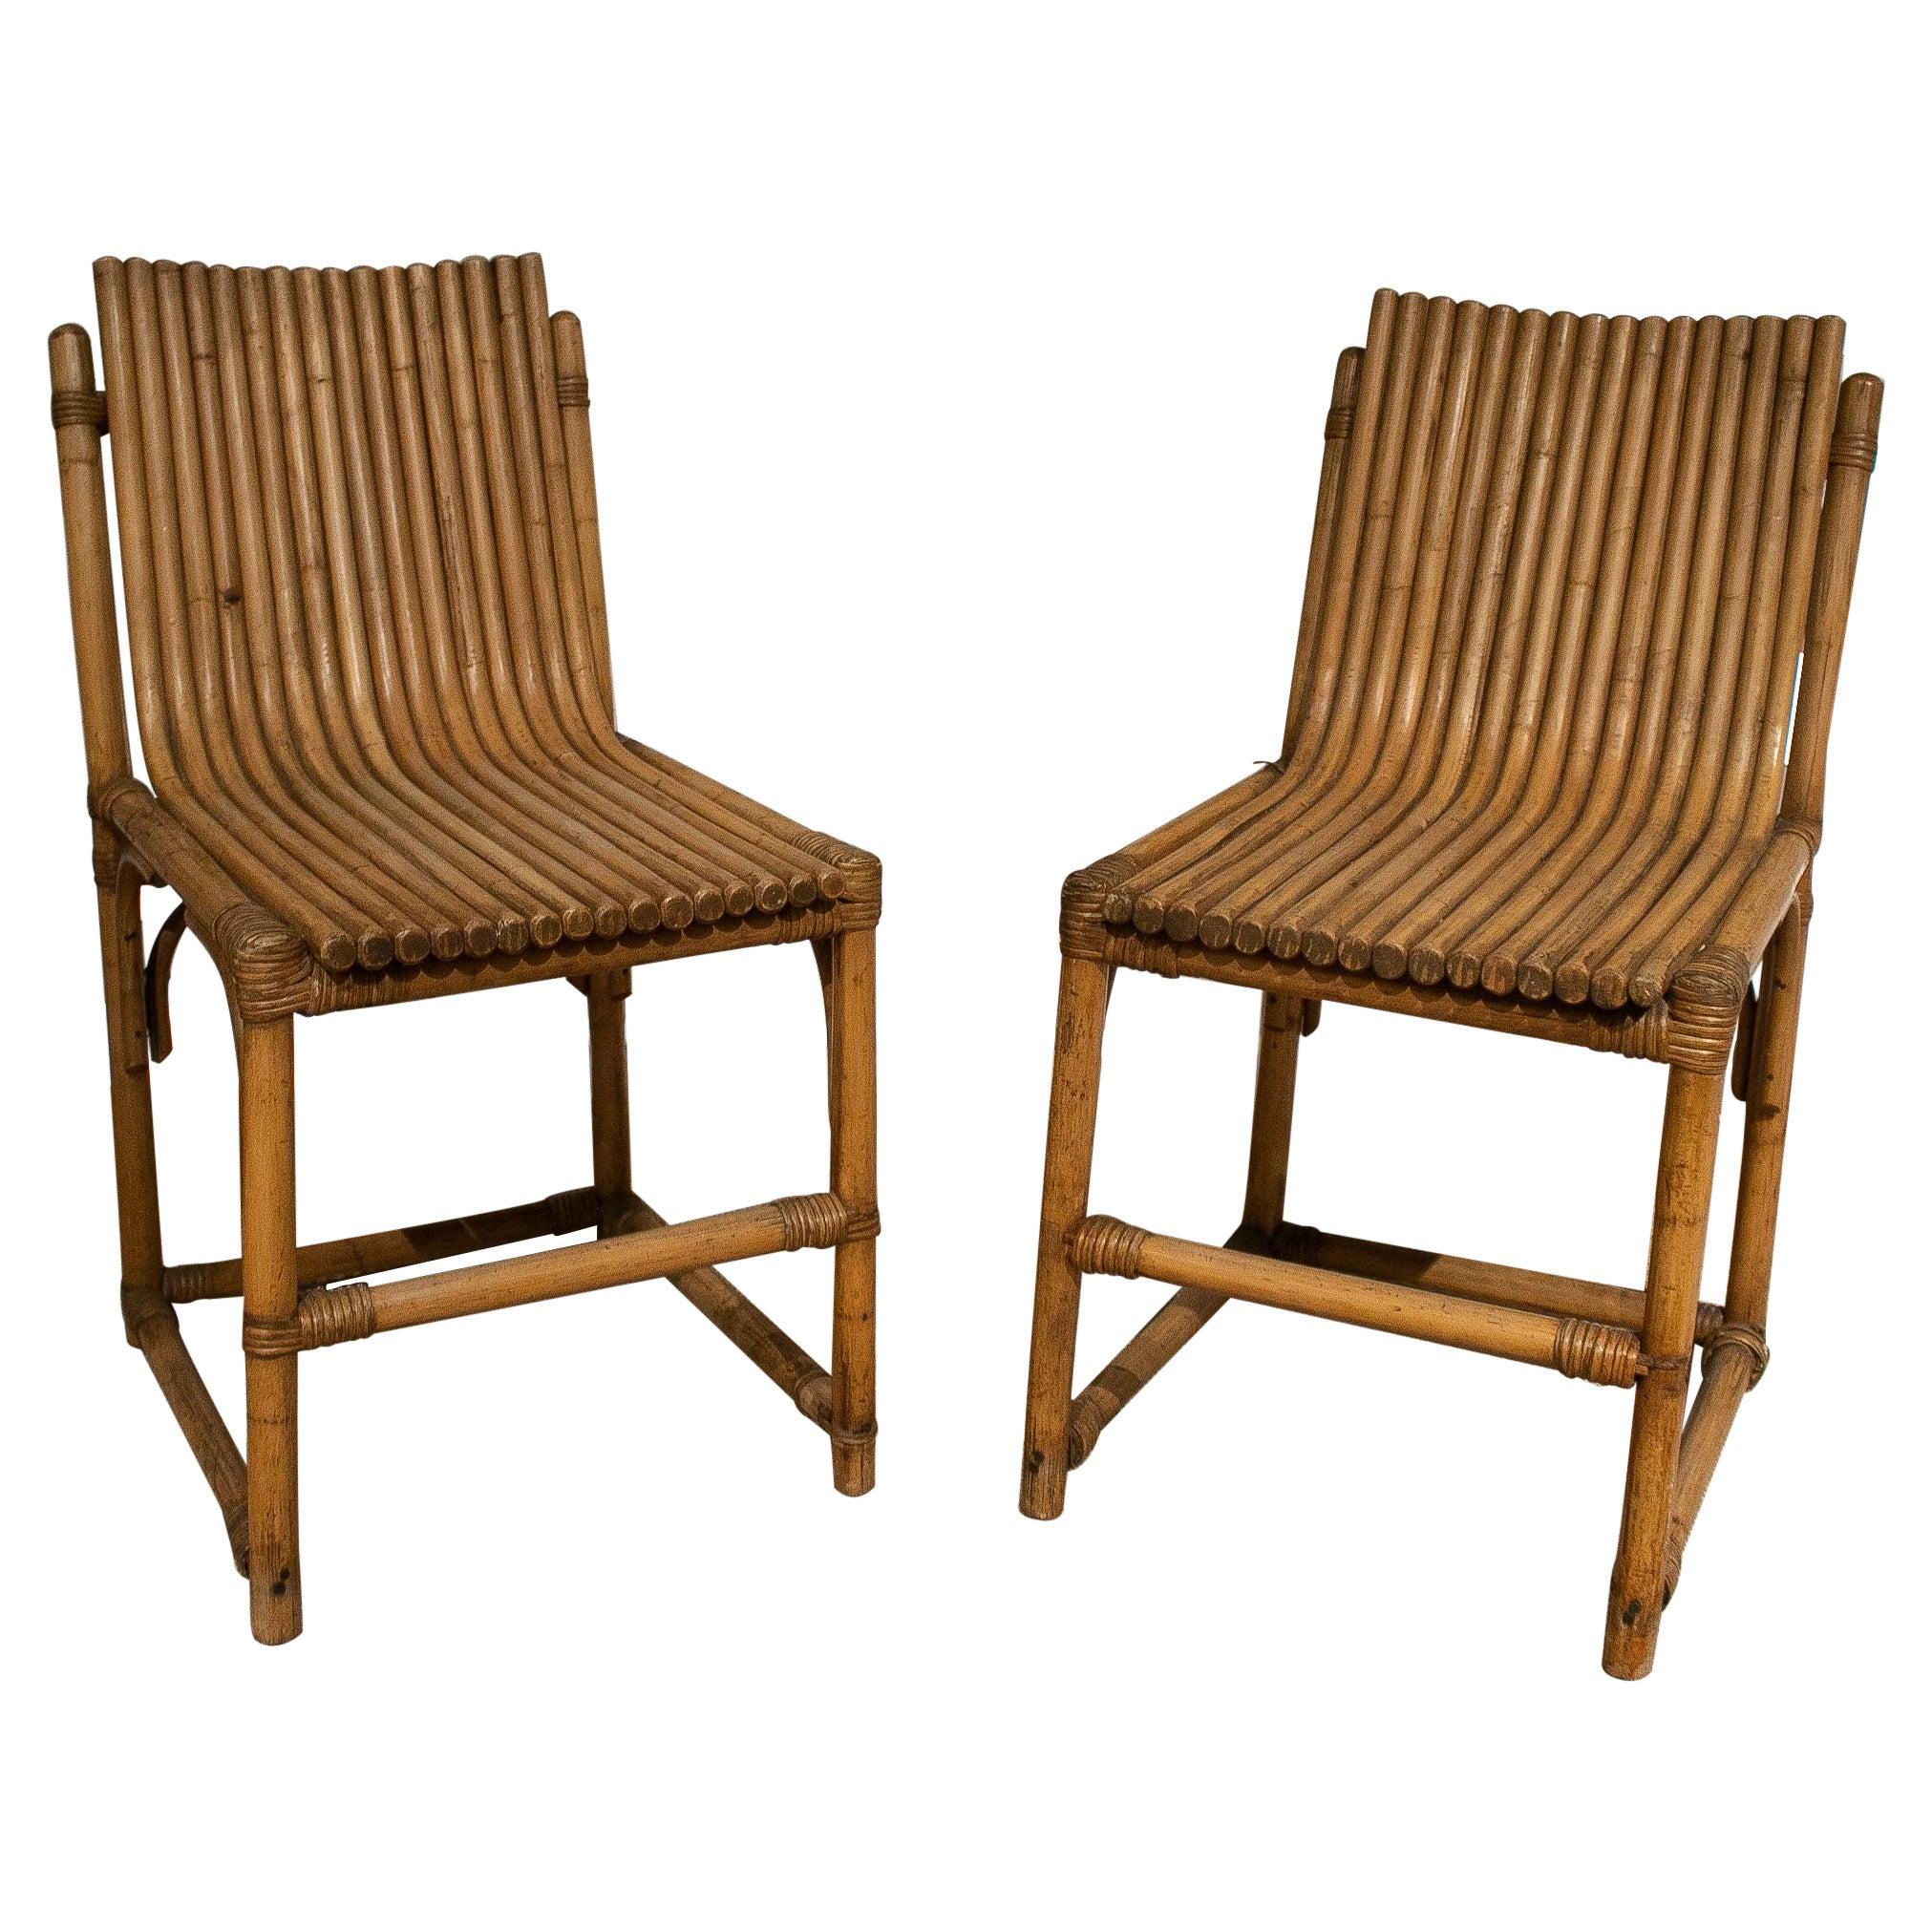 Pair of 1980s Spanish Bamboo Chairs